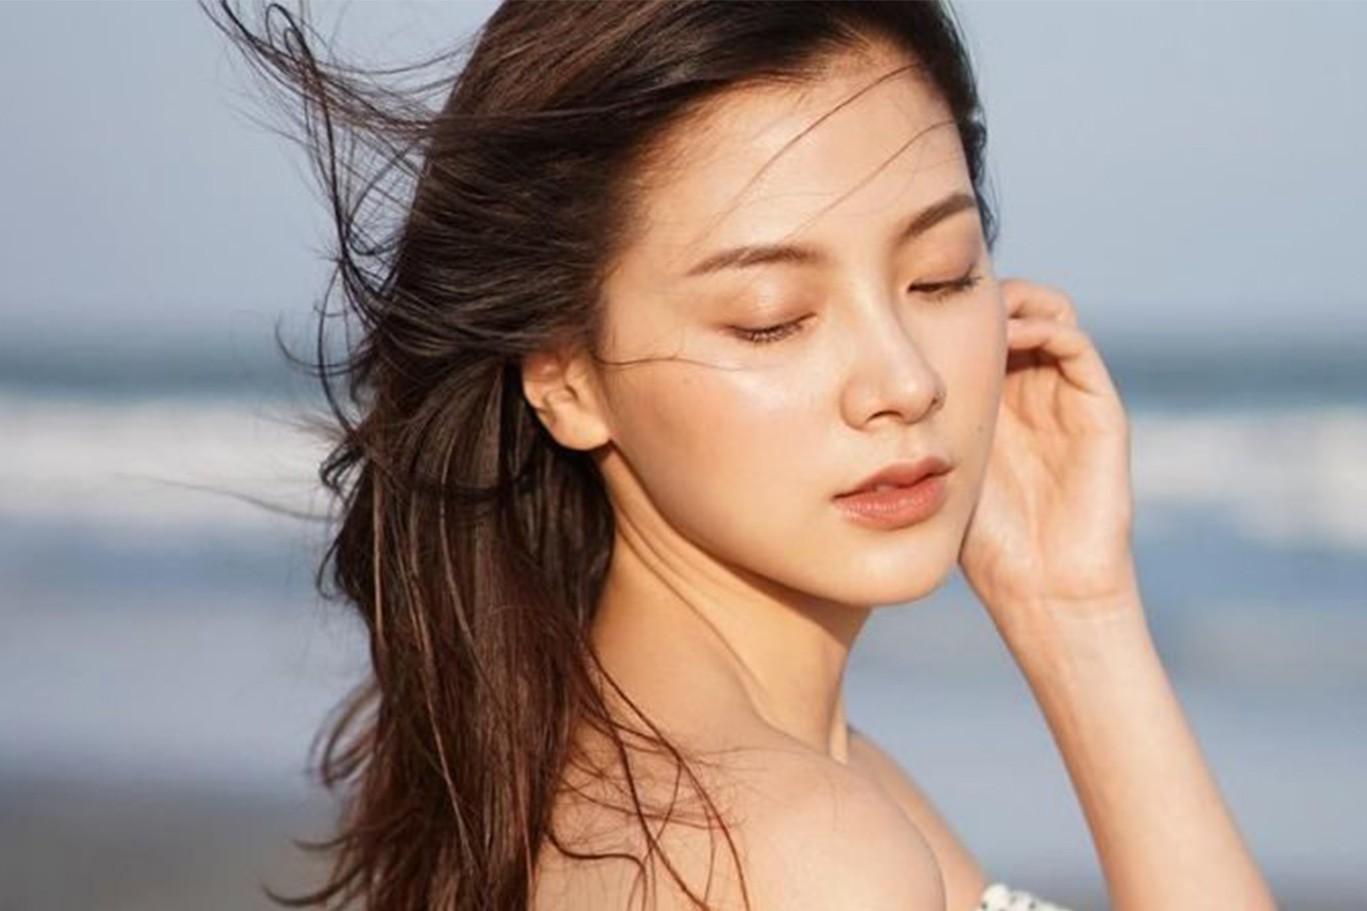 Muốn da căng mướt, sáng khoẻ mỗi ngày - Đây chính là bộ skincare bạn cần - Ảnh 1.